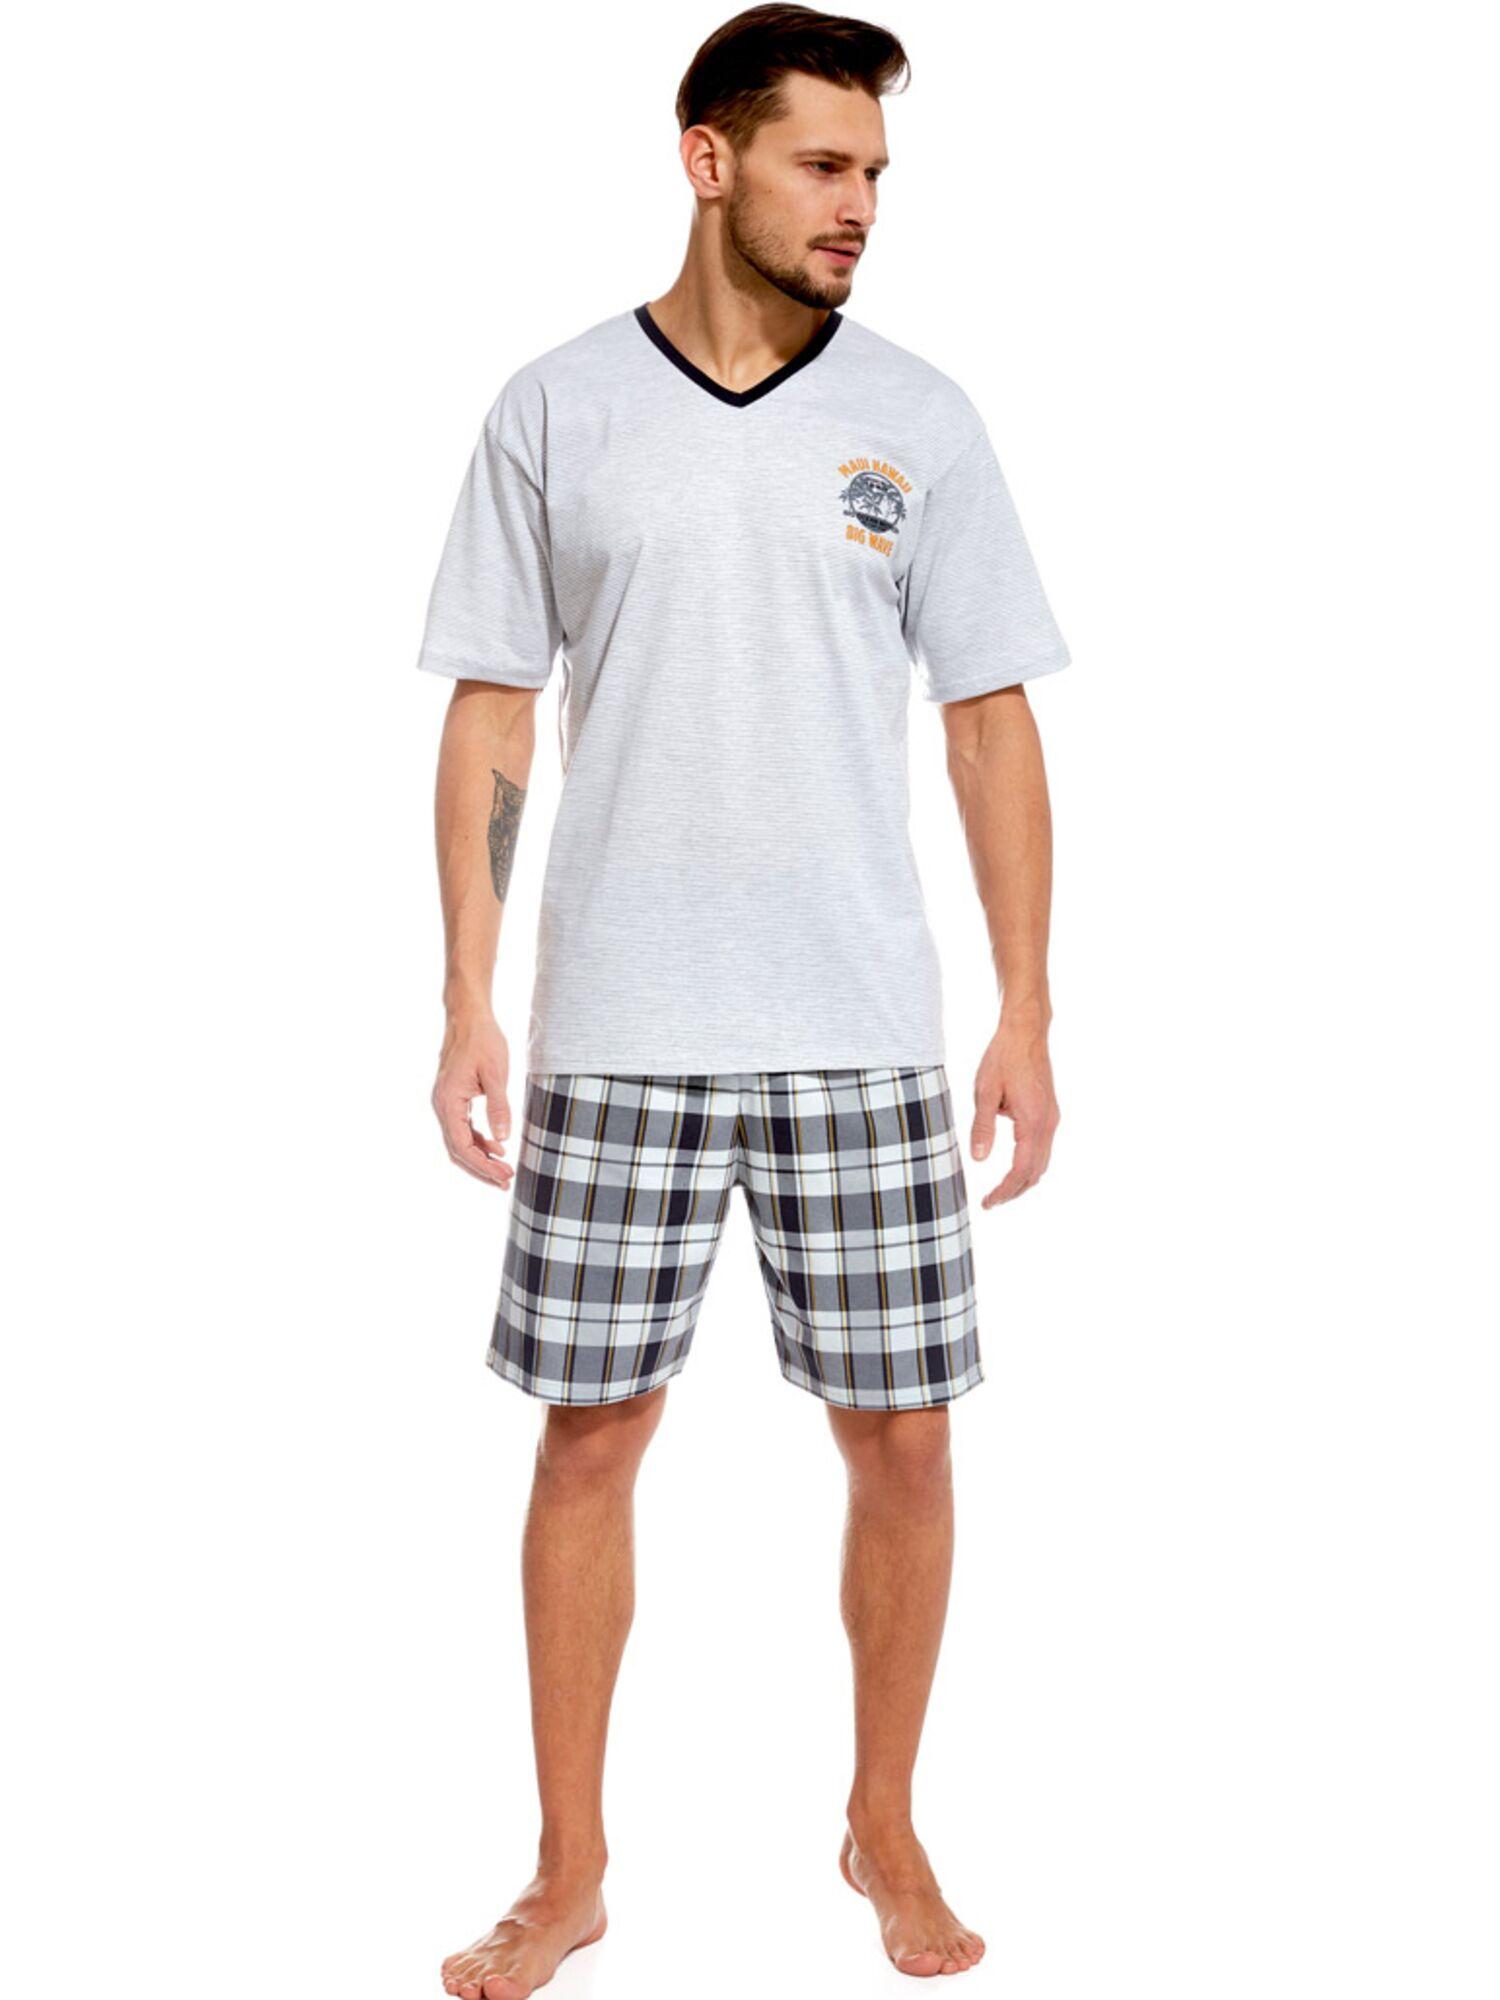 Пижама мужская с шортами 326 серый/графит